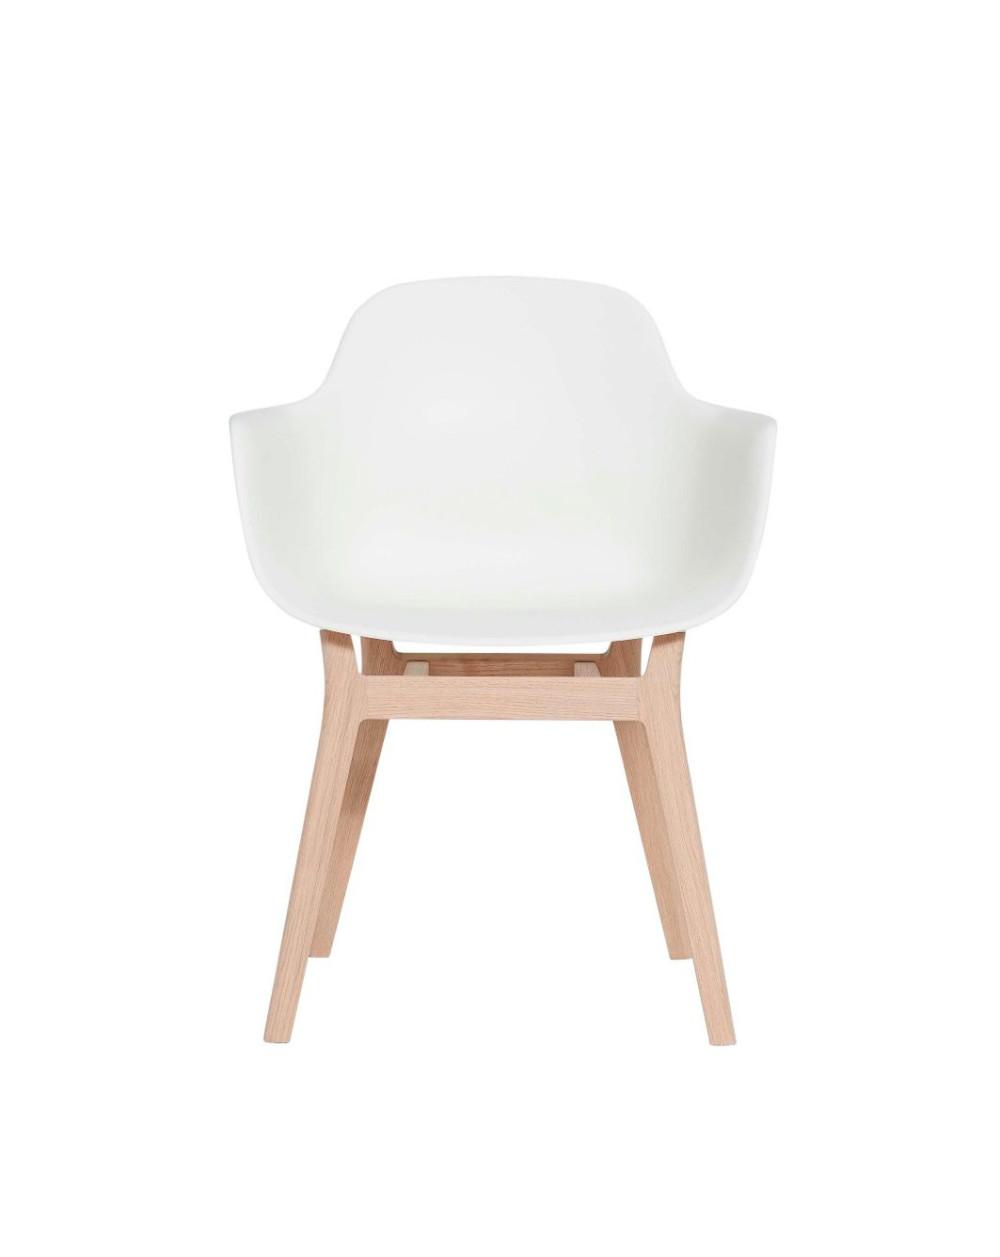 Chaise Nyt, la boutique danoise